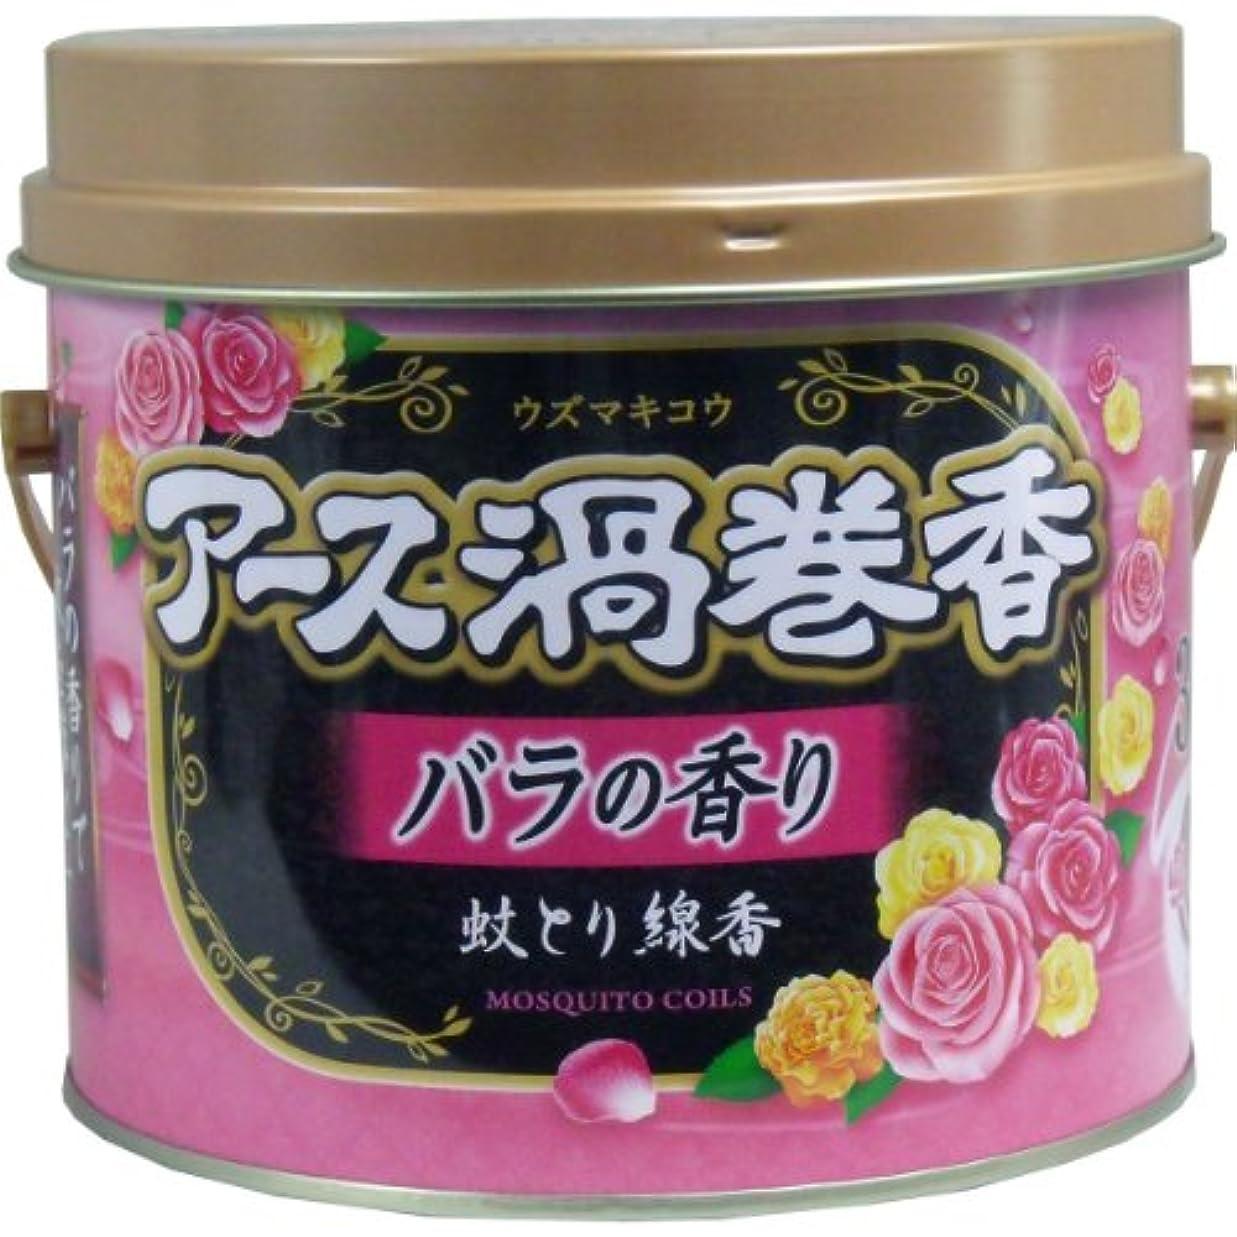 各持っている大理石アース渦巻香 蚊とり線香 バラの香り 30巻3個セット